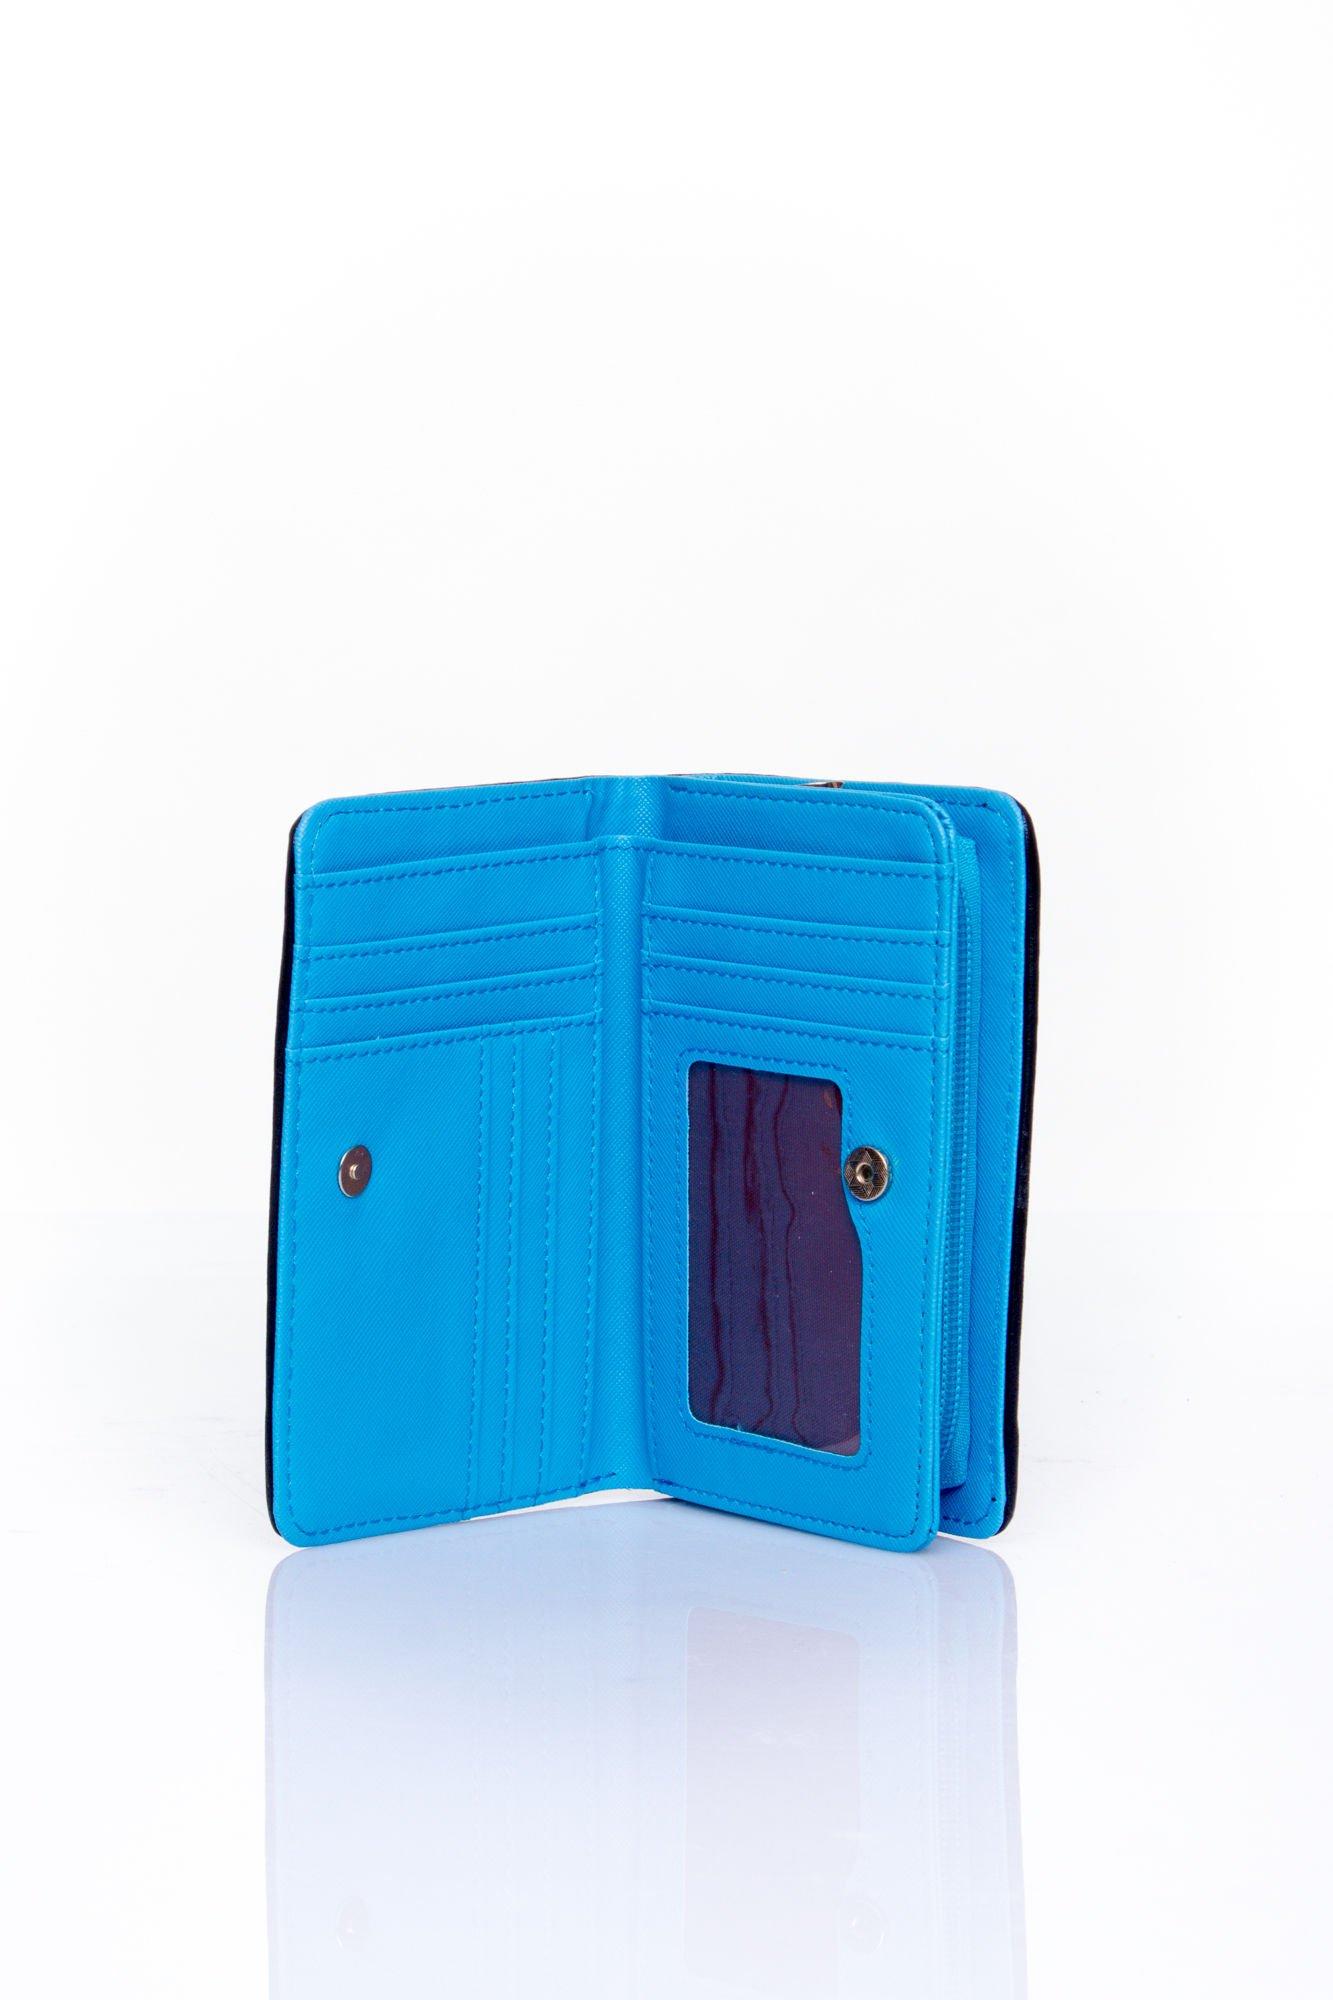 Niebieski portfel z granatowym plecionkowym wykończeniem                                  zdj.                                  3